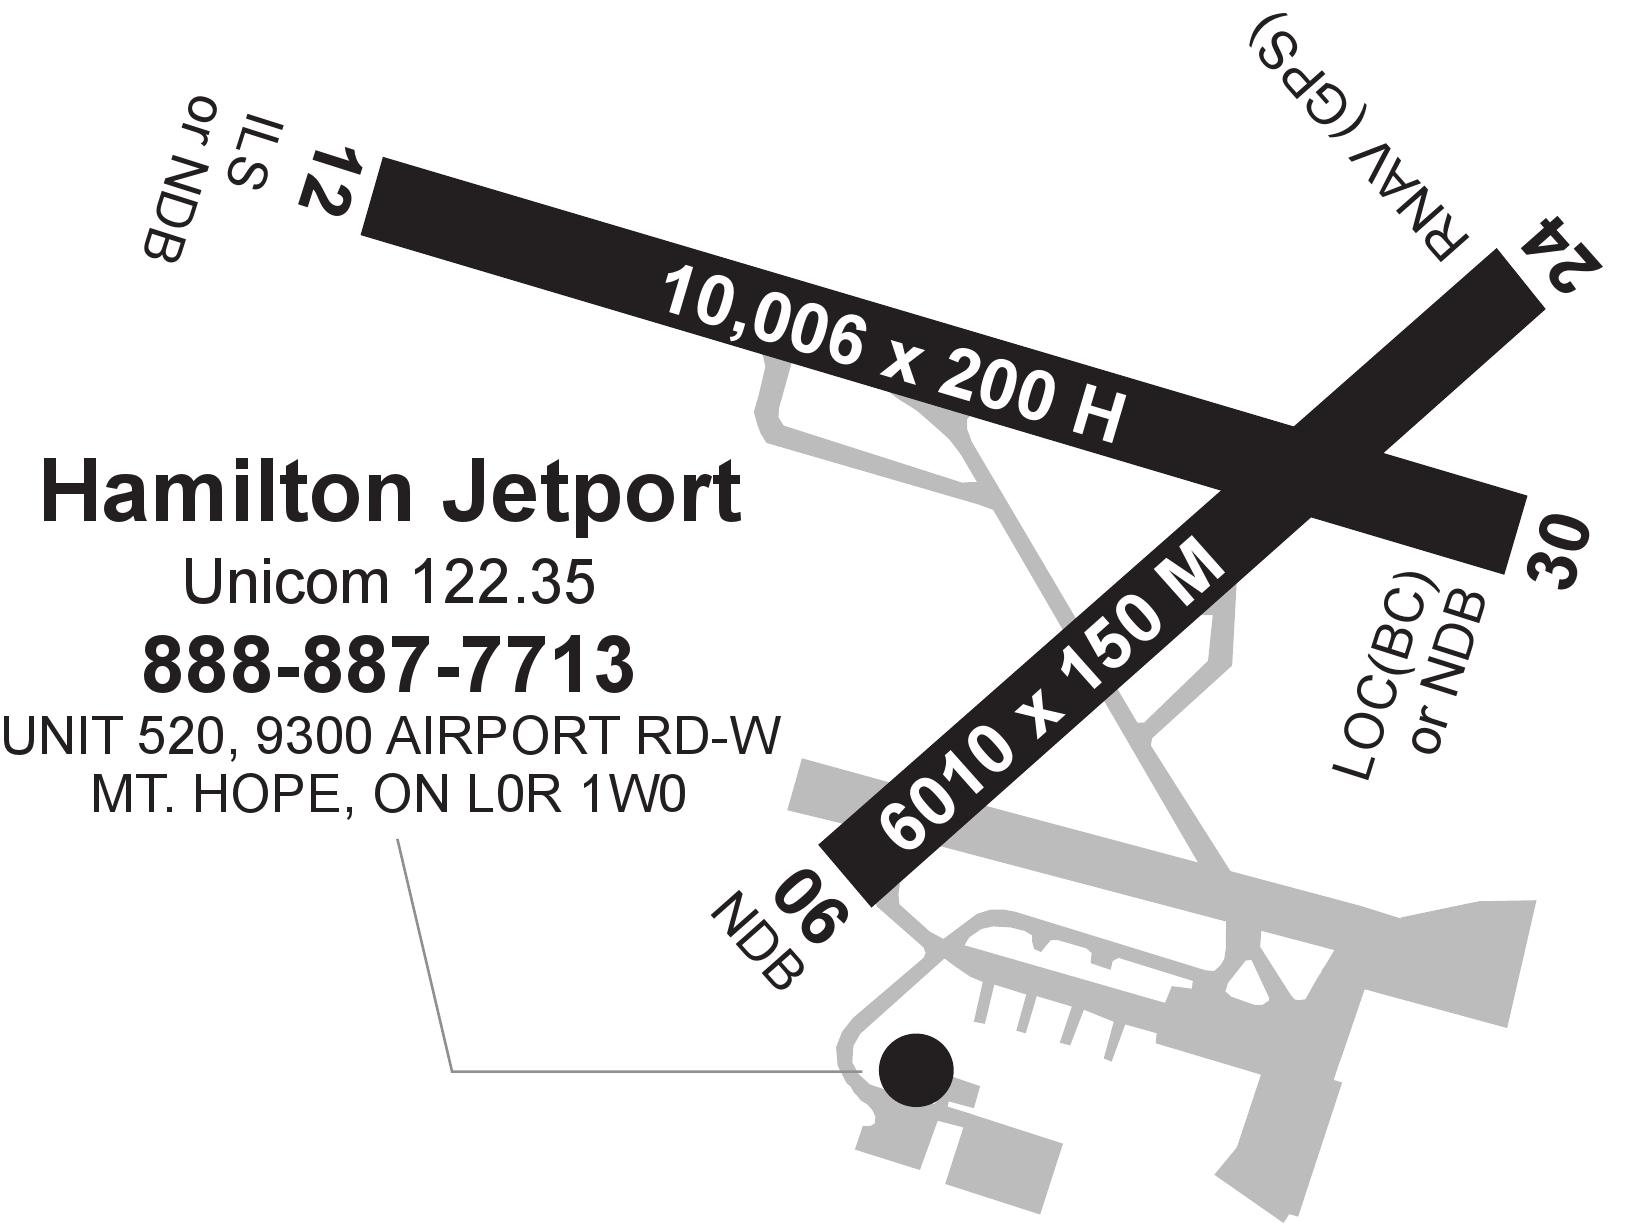 Hamilton Jetport Ltd